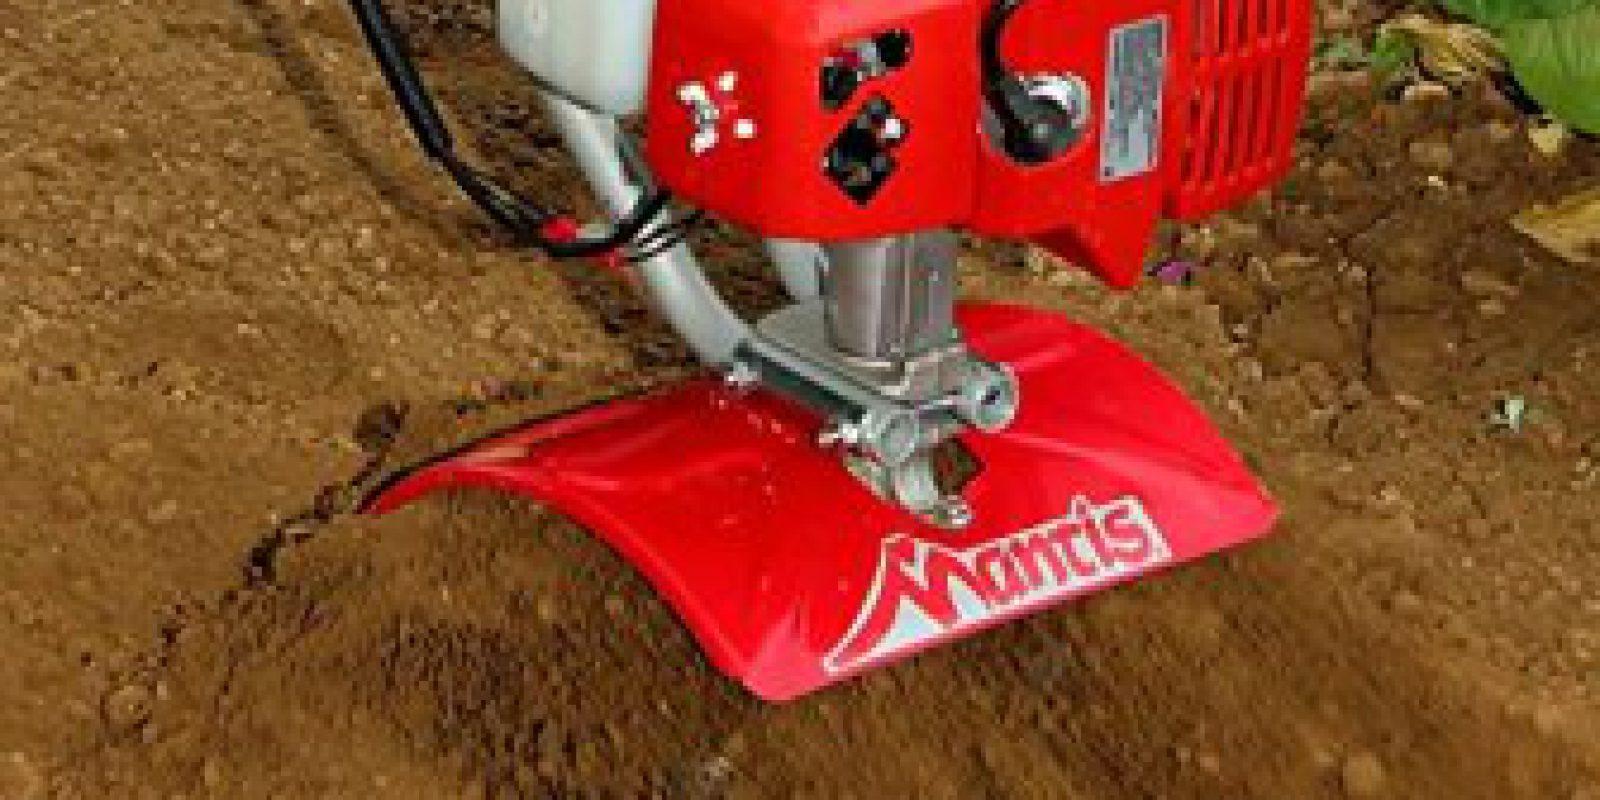 Mantis 7920 Cultivator